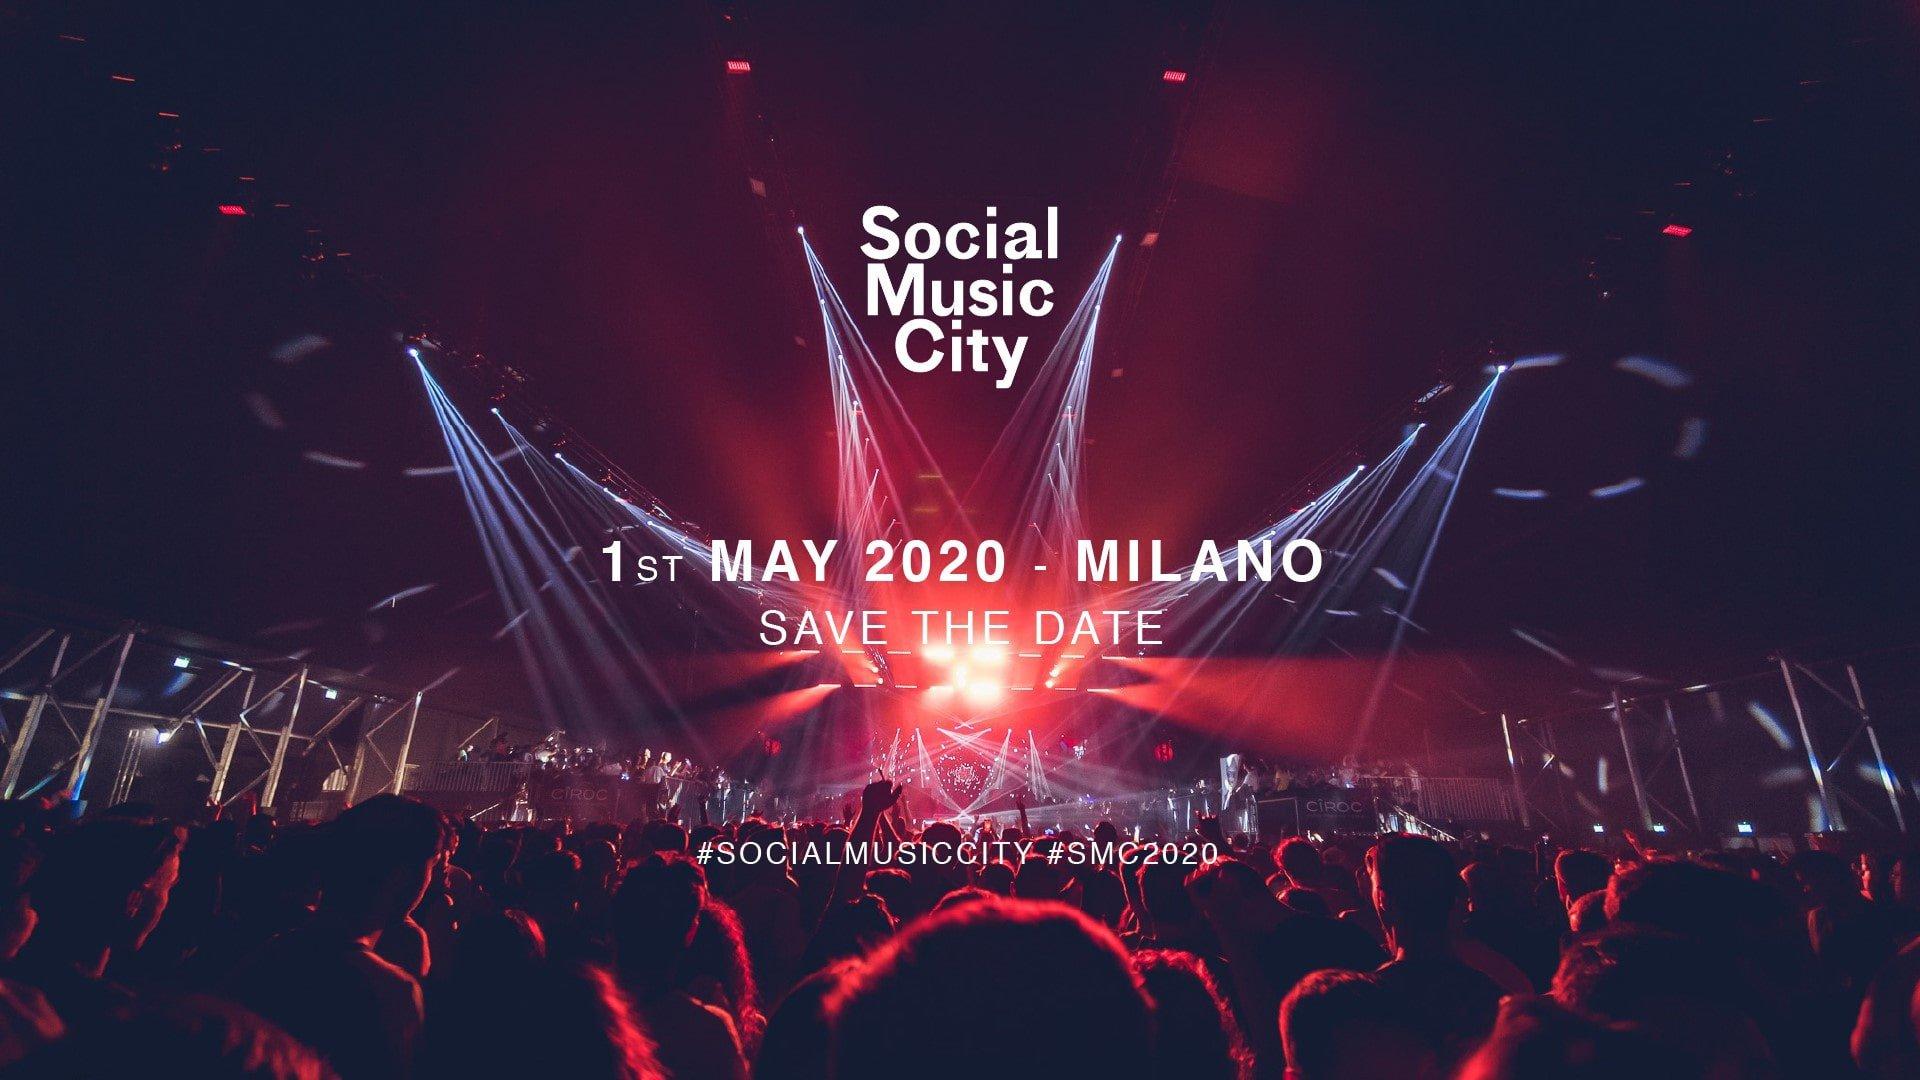 Social Music City 2020 Milano Programmazione Eventi